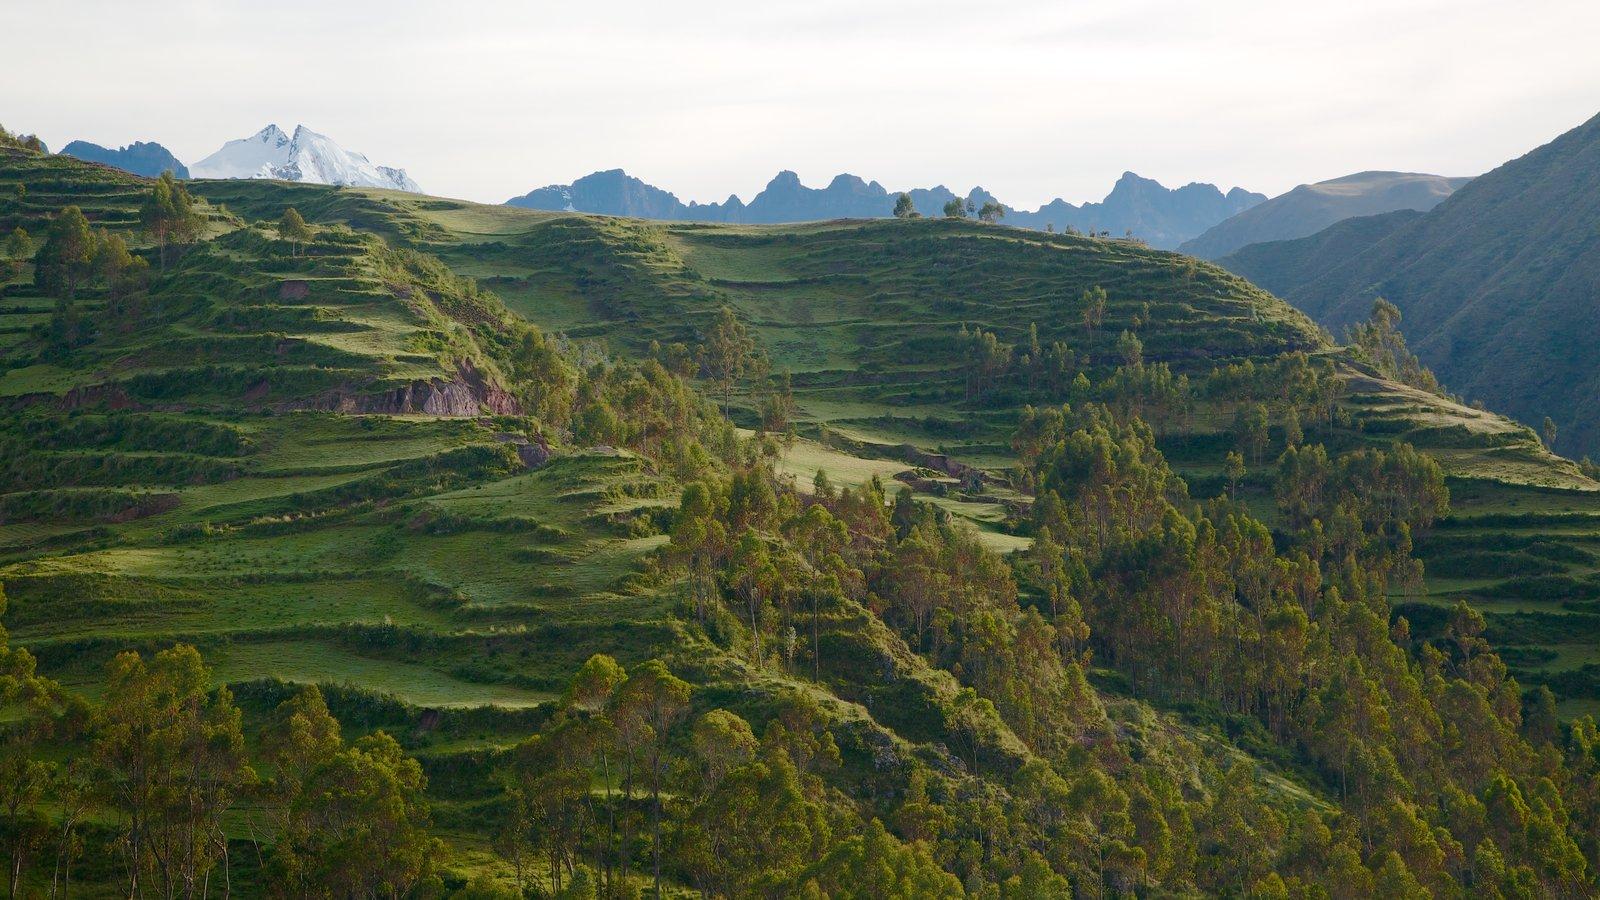 Chincheros caracterizando paisagem, montanhas e cenas tranquilas